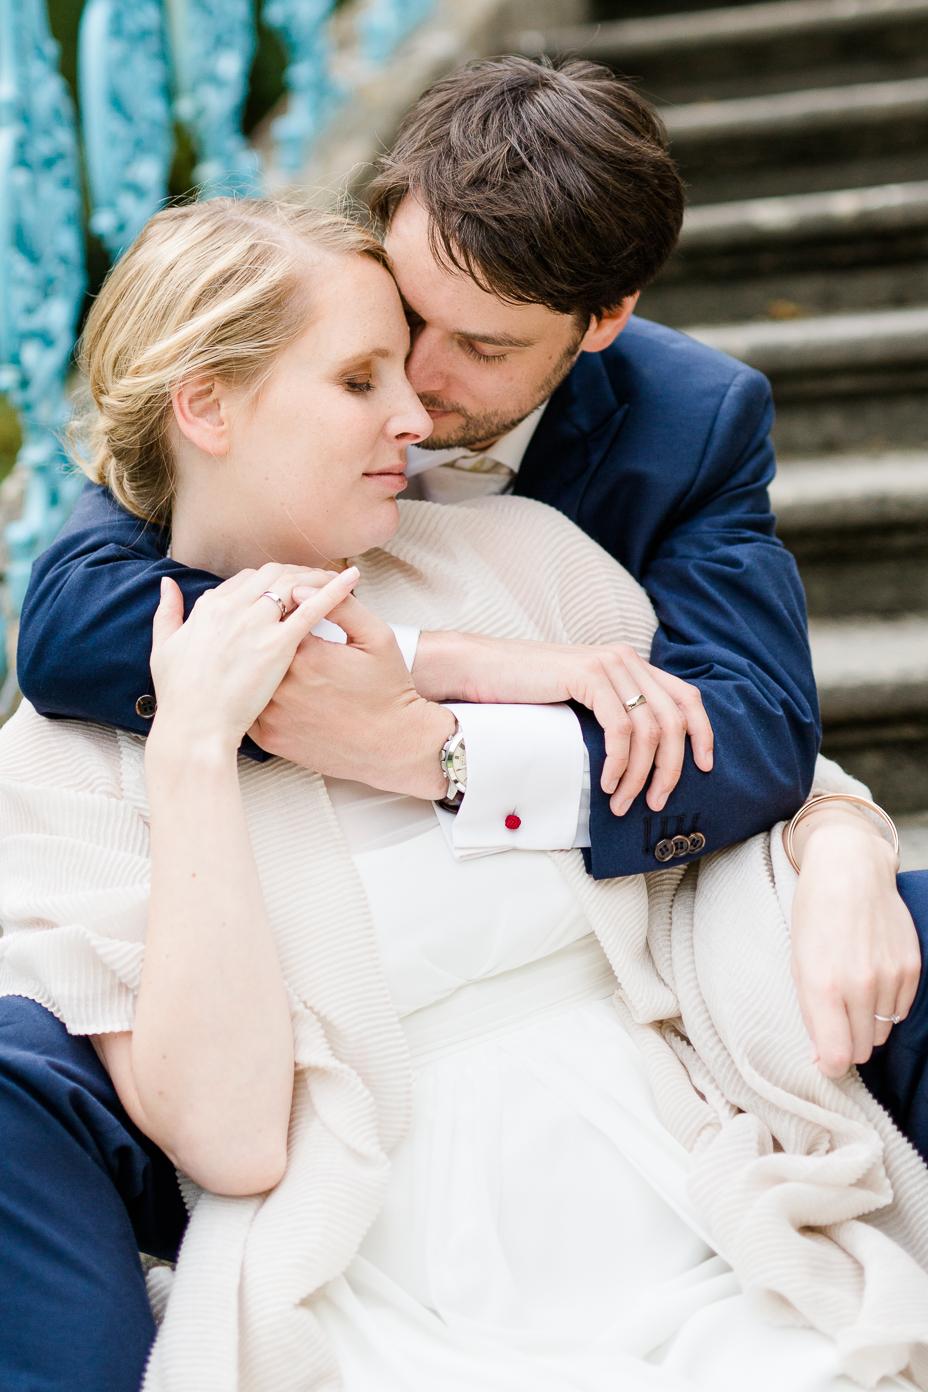 Hochzeitsfotografie-Kassel-Inka Englisch Photography-Schloss Wilhelmstal-Calden-2015_53